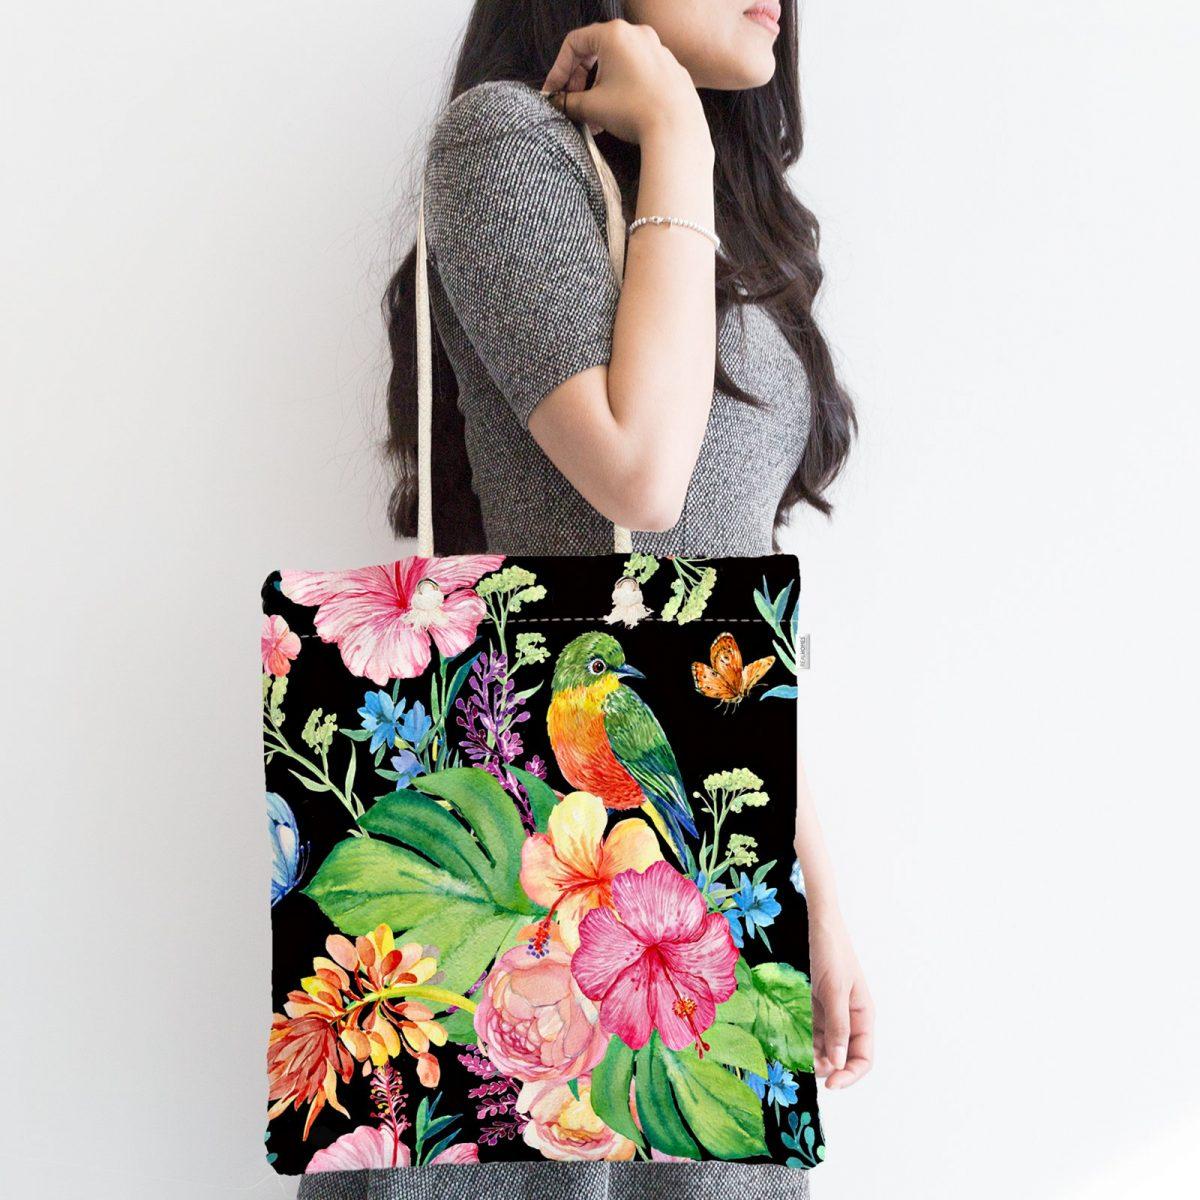 Watercolor Çiçek ve Kuş Motifli Özel Tasarım Fermuarlı Kumaş Çanta Realhomes